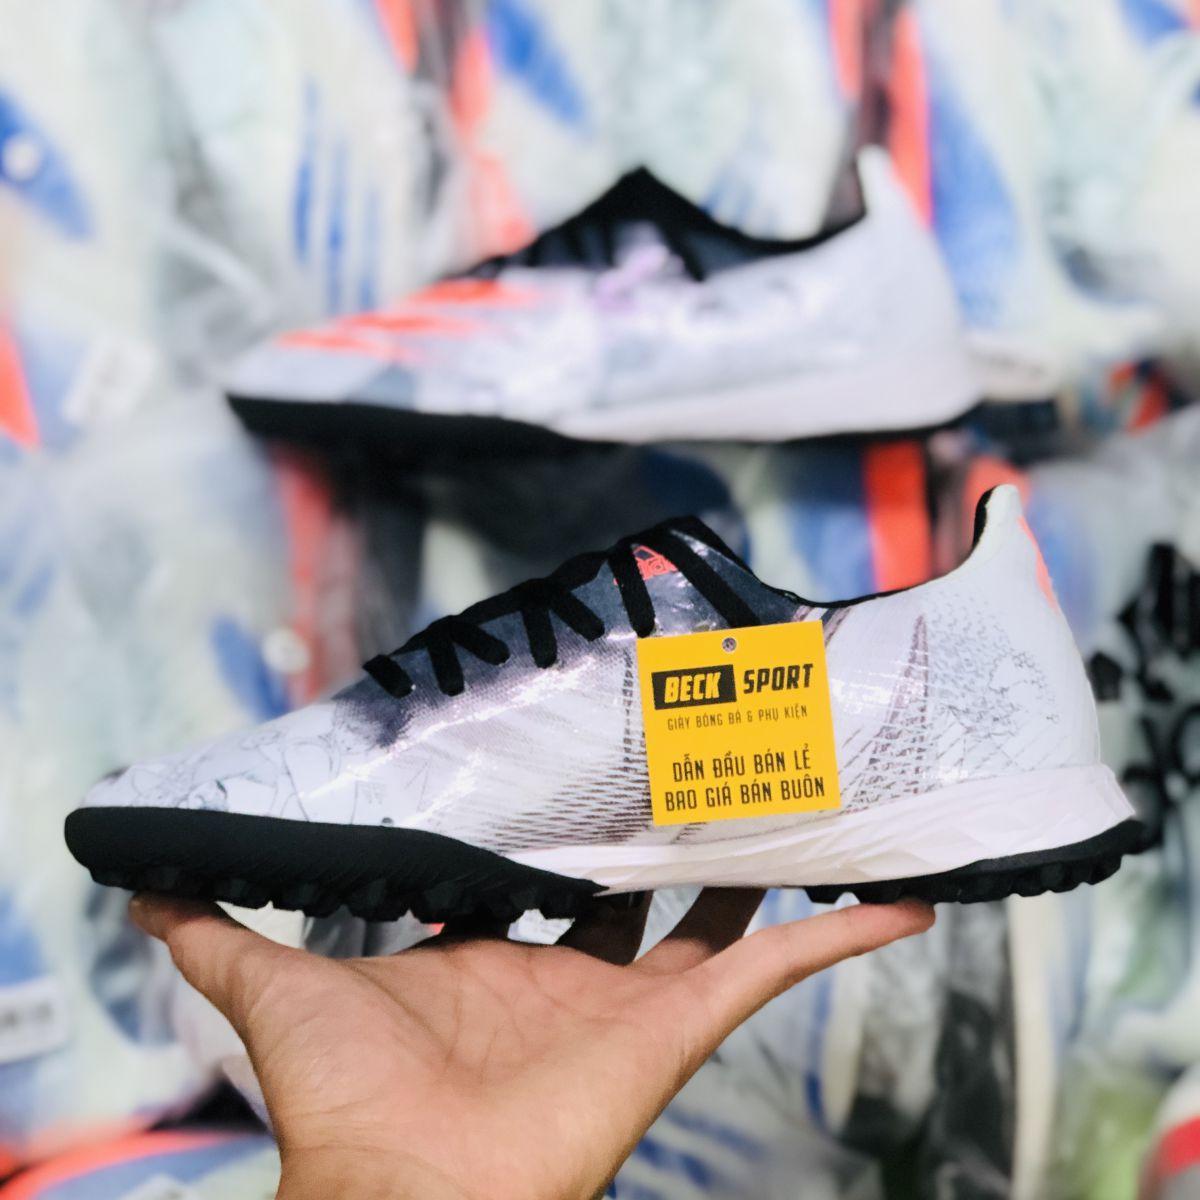 Giày Bóng Đá Adidas X Ghosted.3 Tsubasa Trắng Đen Vạch Cam HQ TF